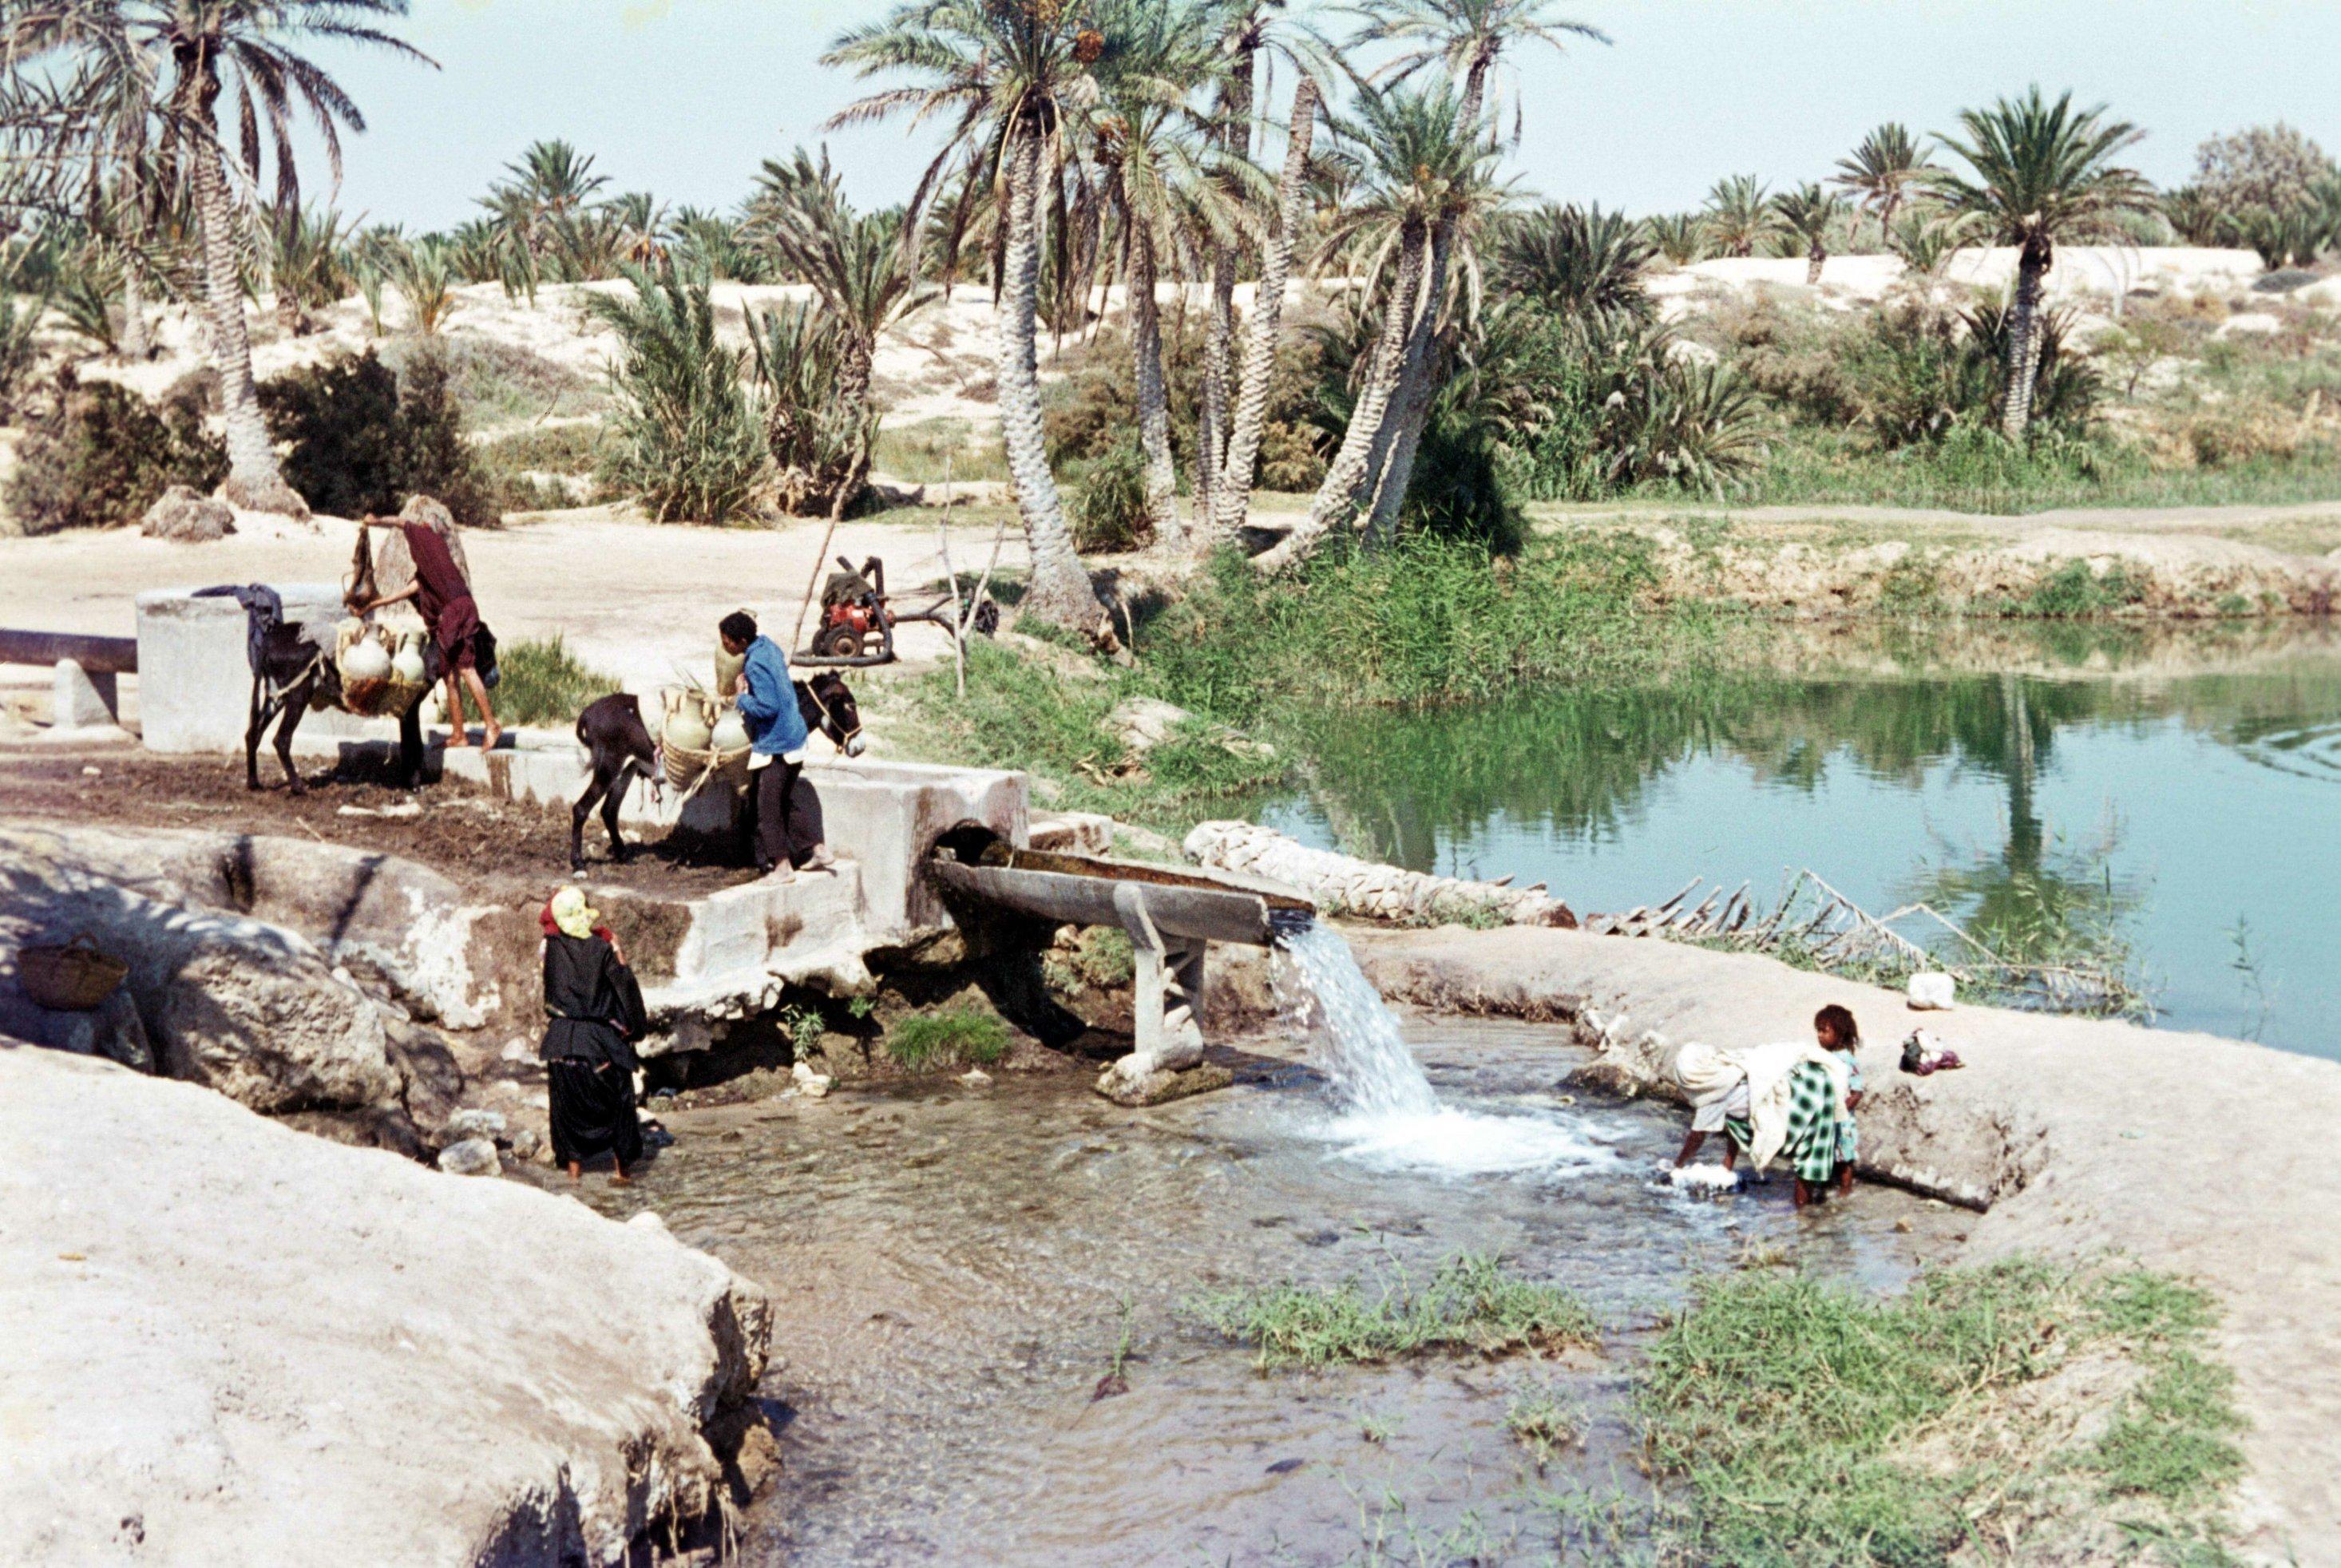 Historisches Foto: Tunesische Familie besorgt sich ihren Wasservorrat an einer Quelle in der Oase von Kebili. Ein Esel trägt Wasserkanister, mehrere Personen sitzen am Rand der Quelle.